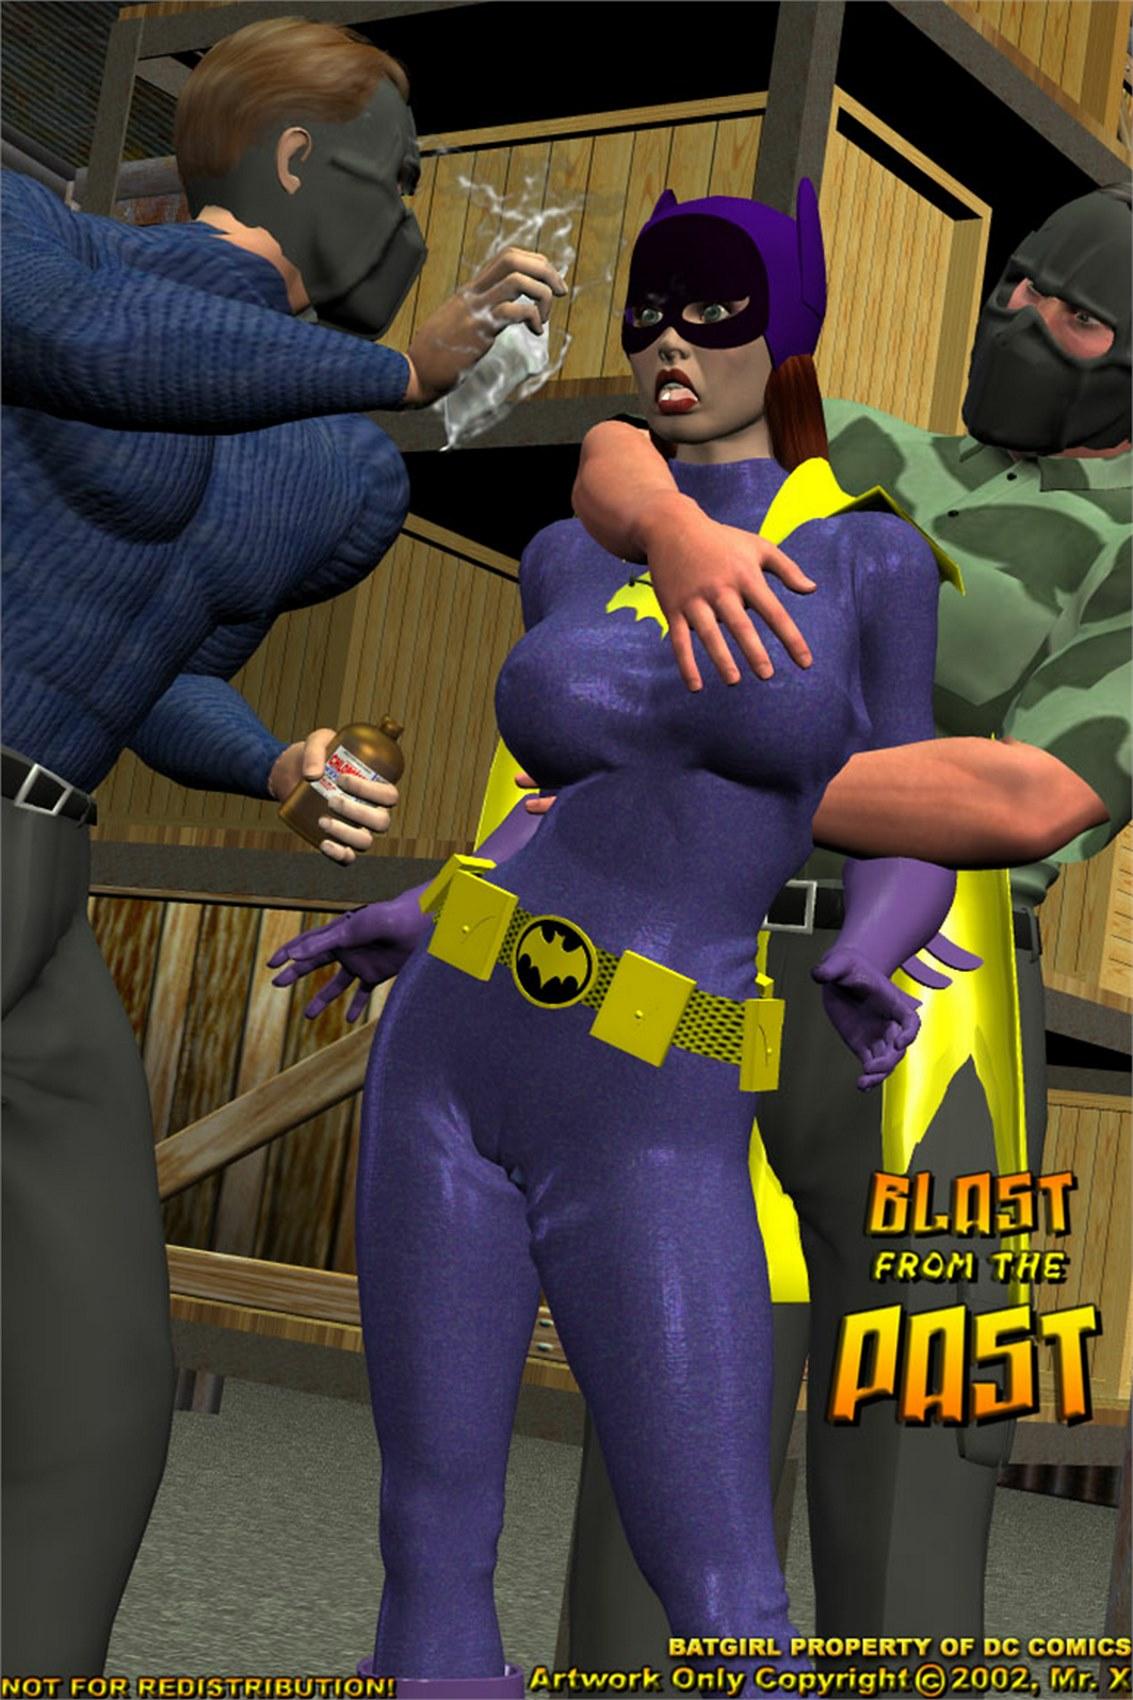 Batgirl Comics Porno Comics mrx - blast from past - batgirl • free porn comics